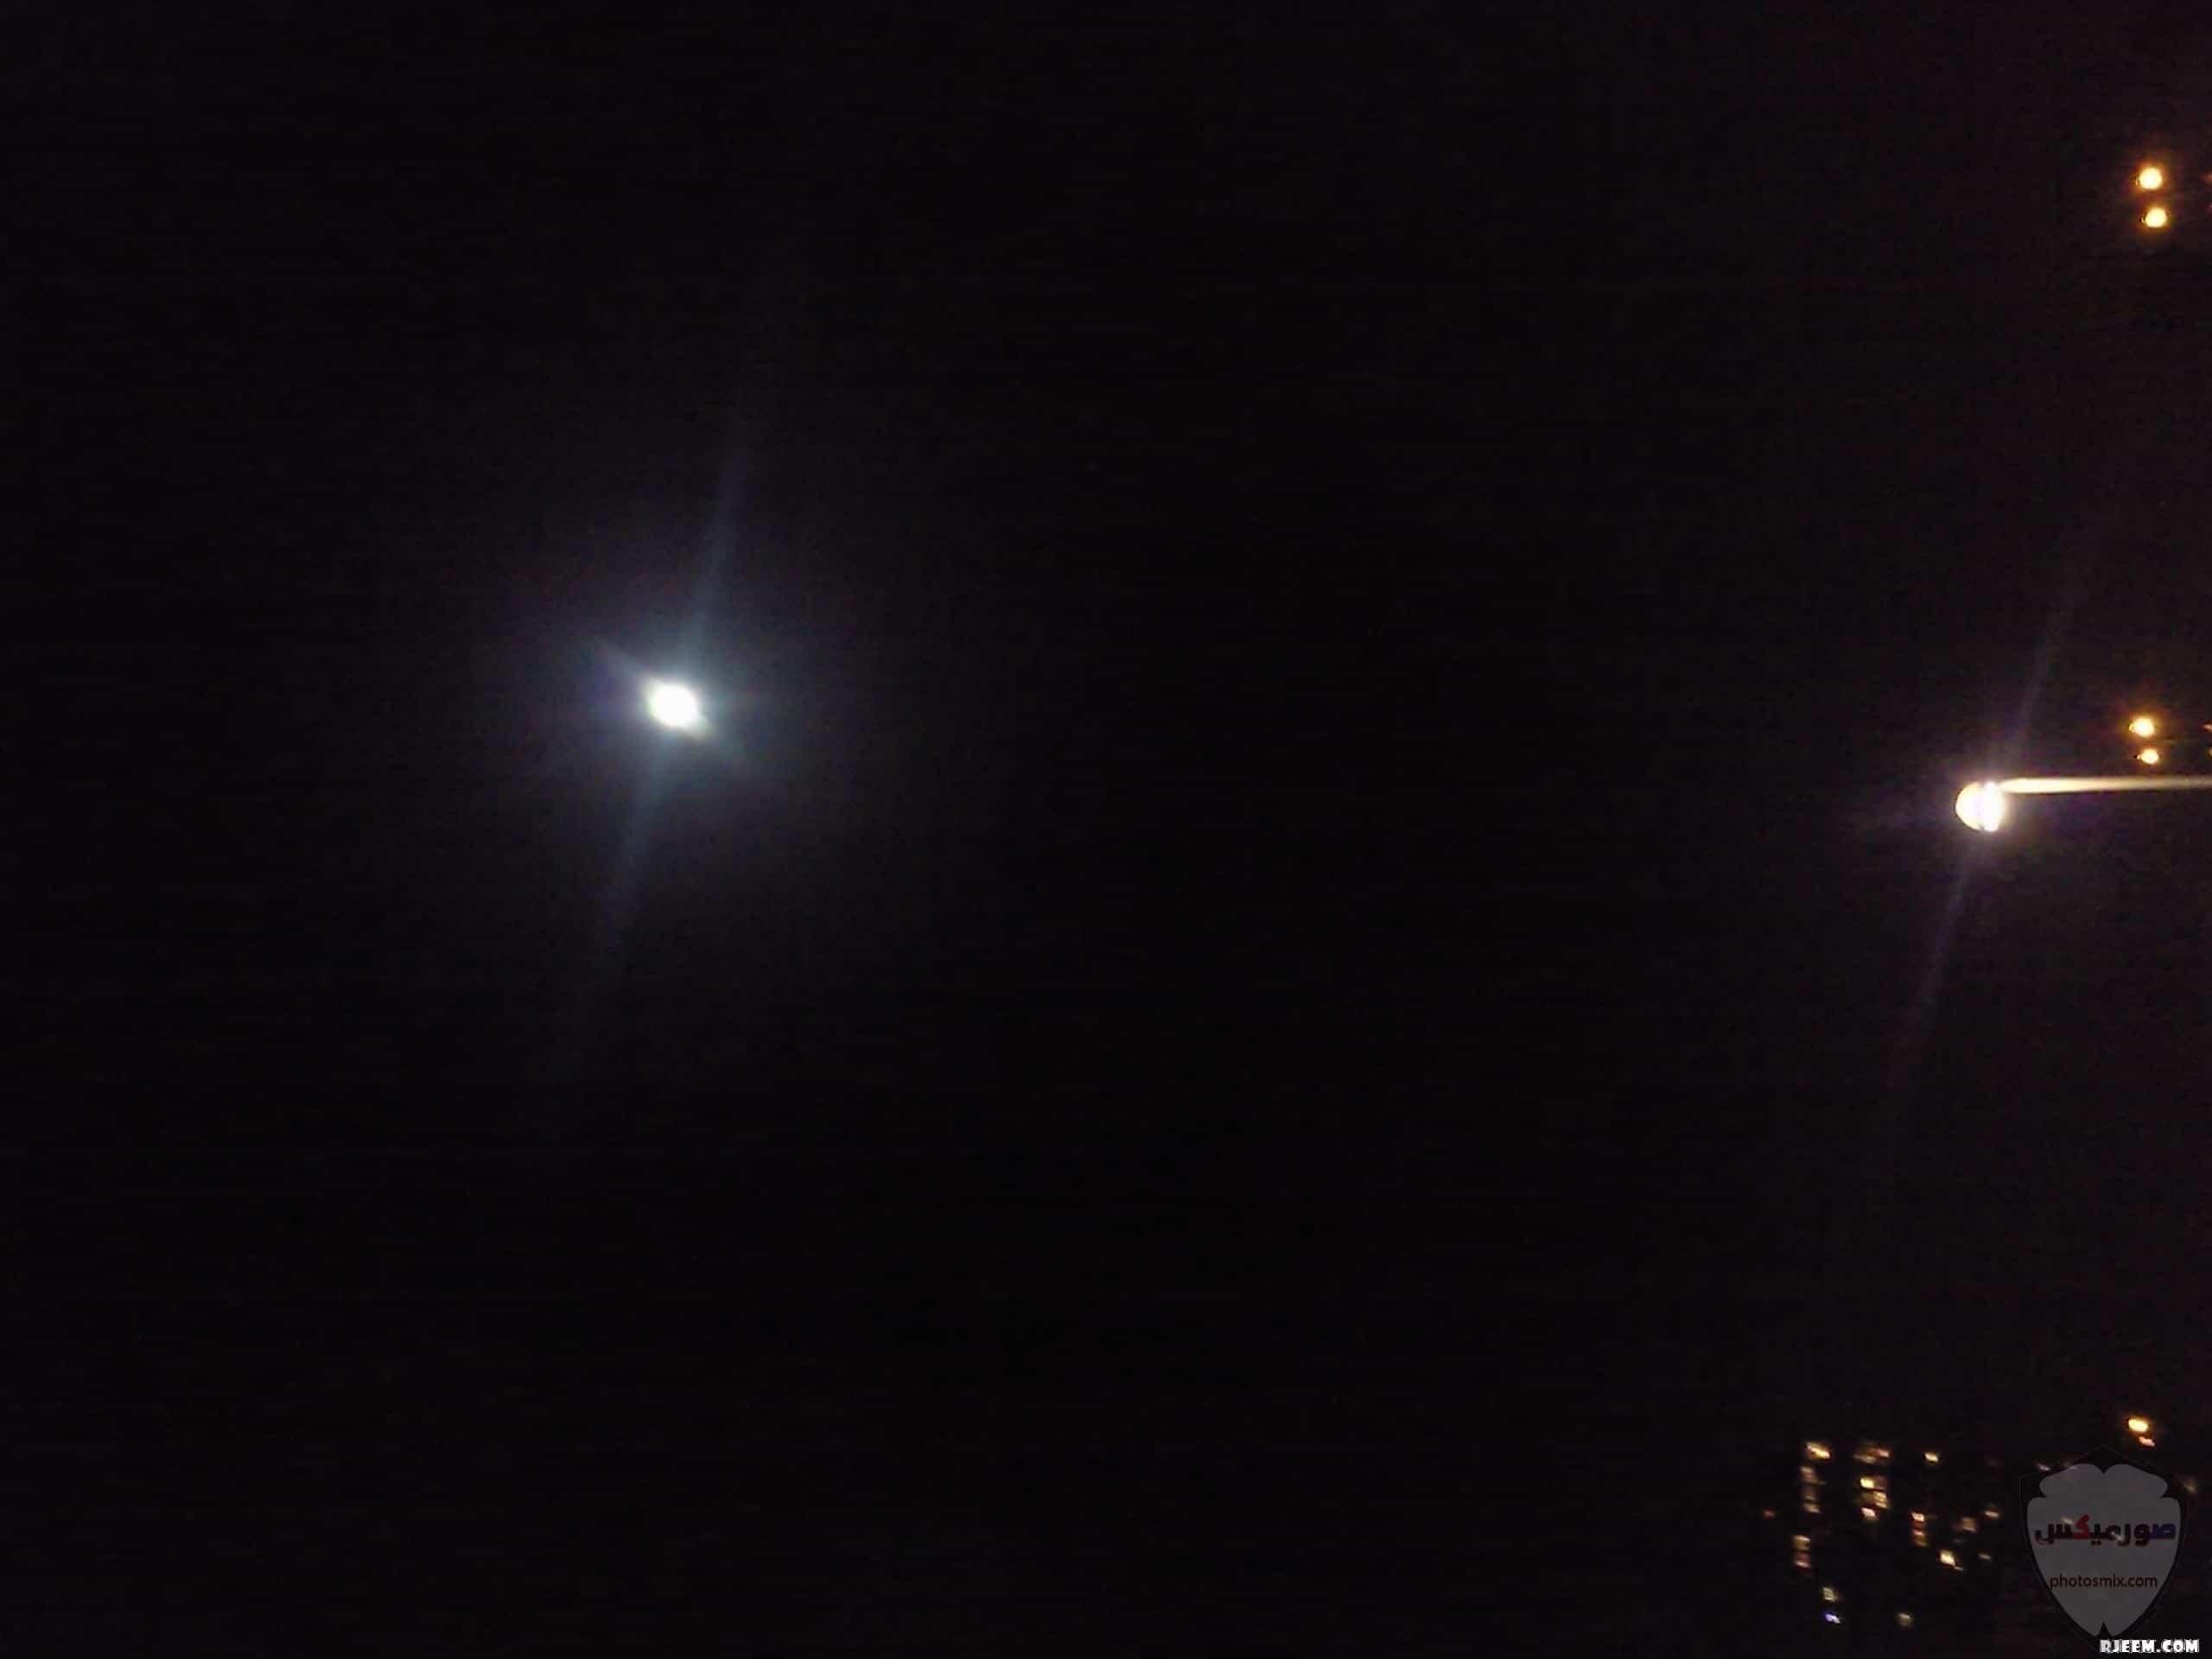 صور القمر العملاق رمزيات عن القمر العملاق صور قمر وسط النجوم 5